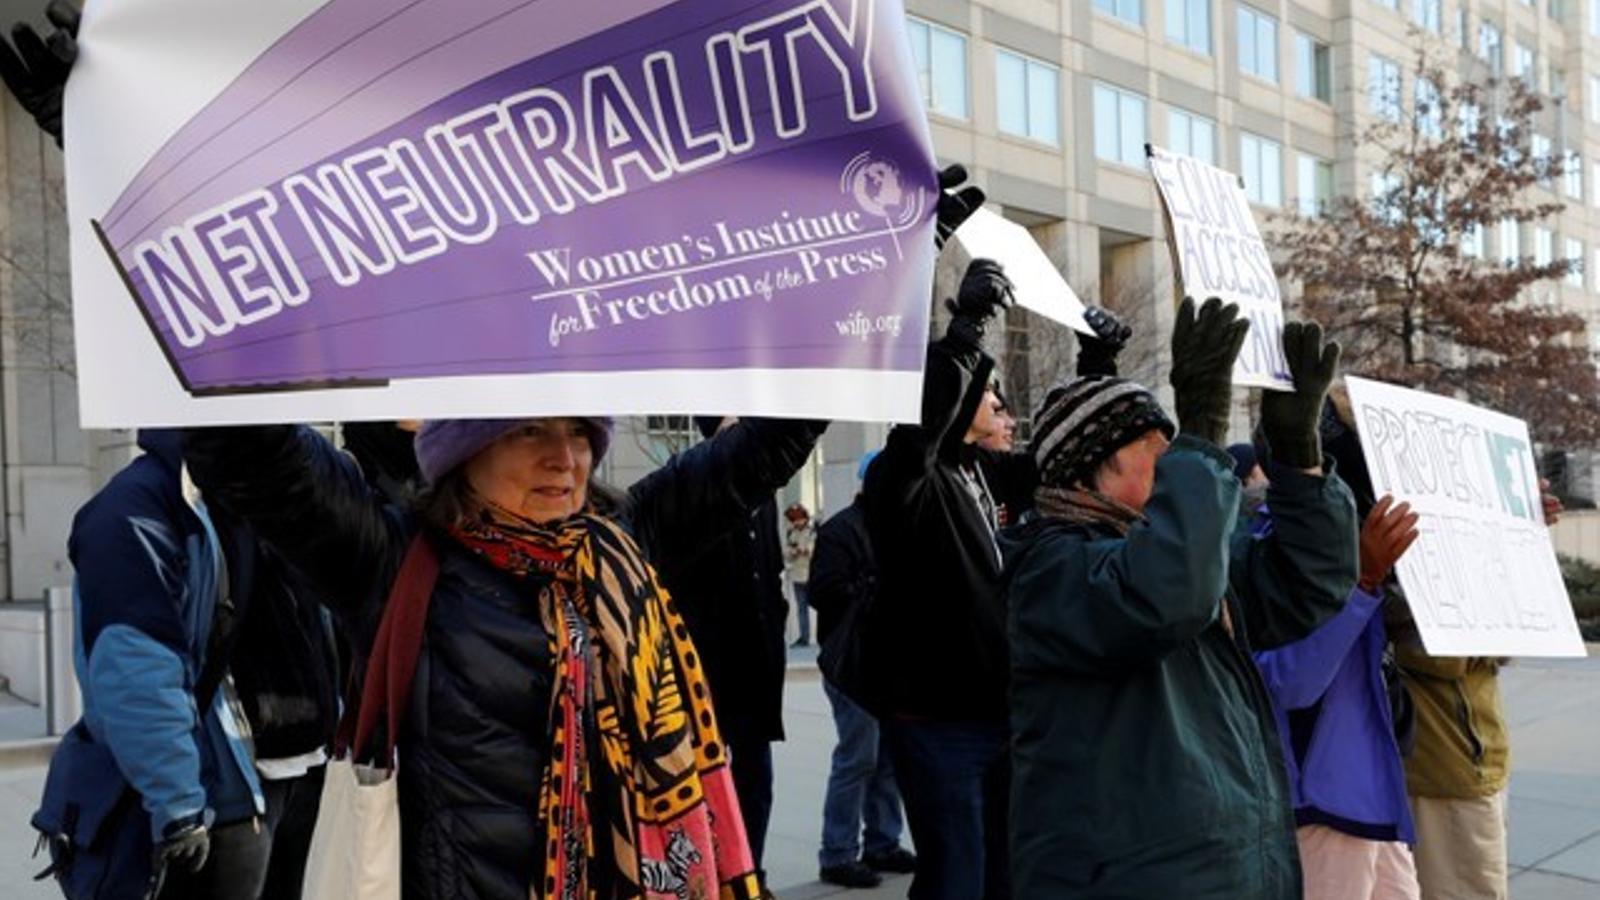 Manifestació a favor de la neutralitat a la xarxa, a Washington.